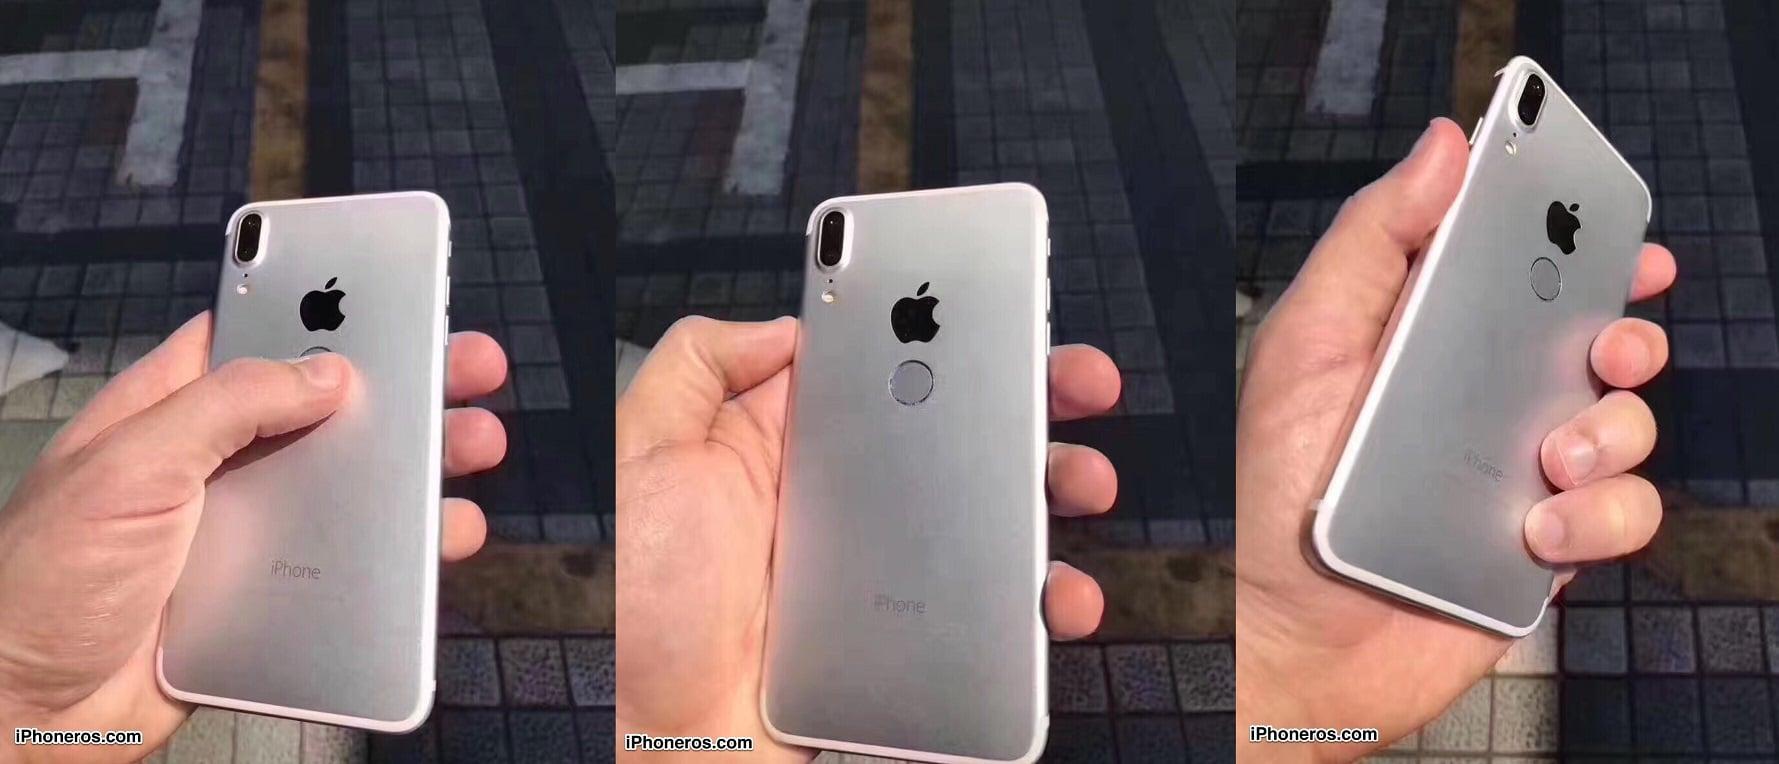 Ktoś próbuje przekonać nas, że jubileuszowy iPhone będzie wyglądał właśnie tak 28